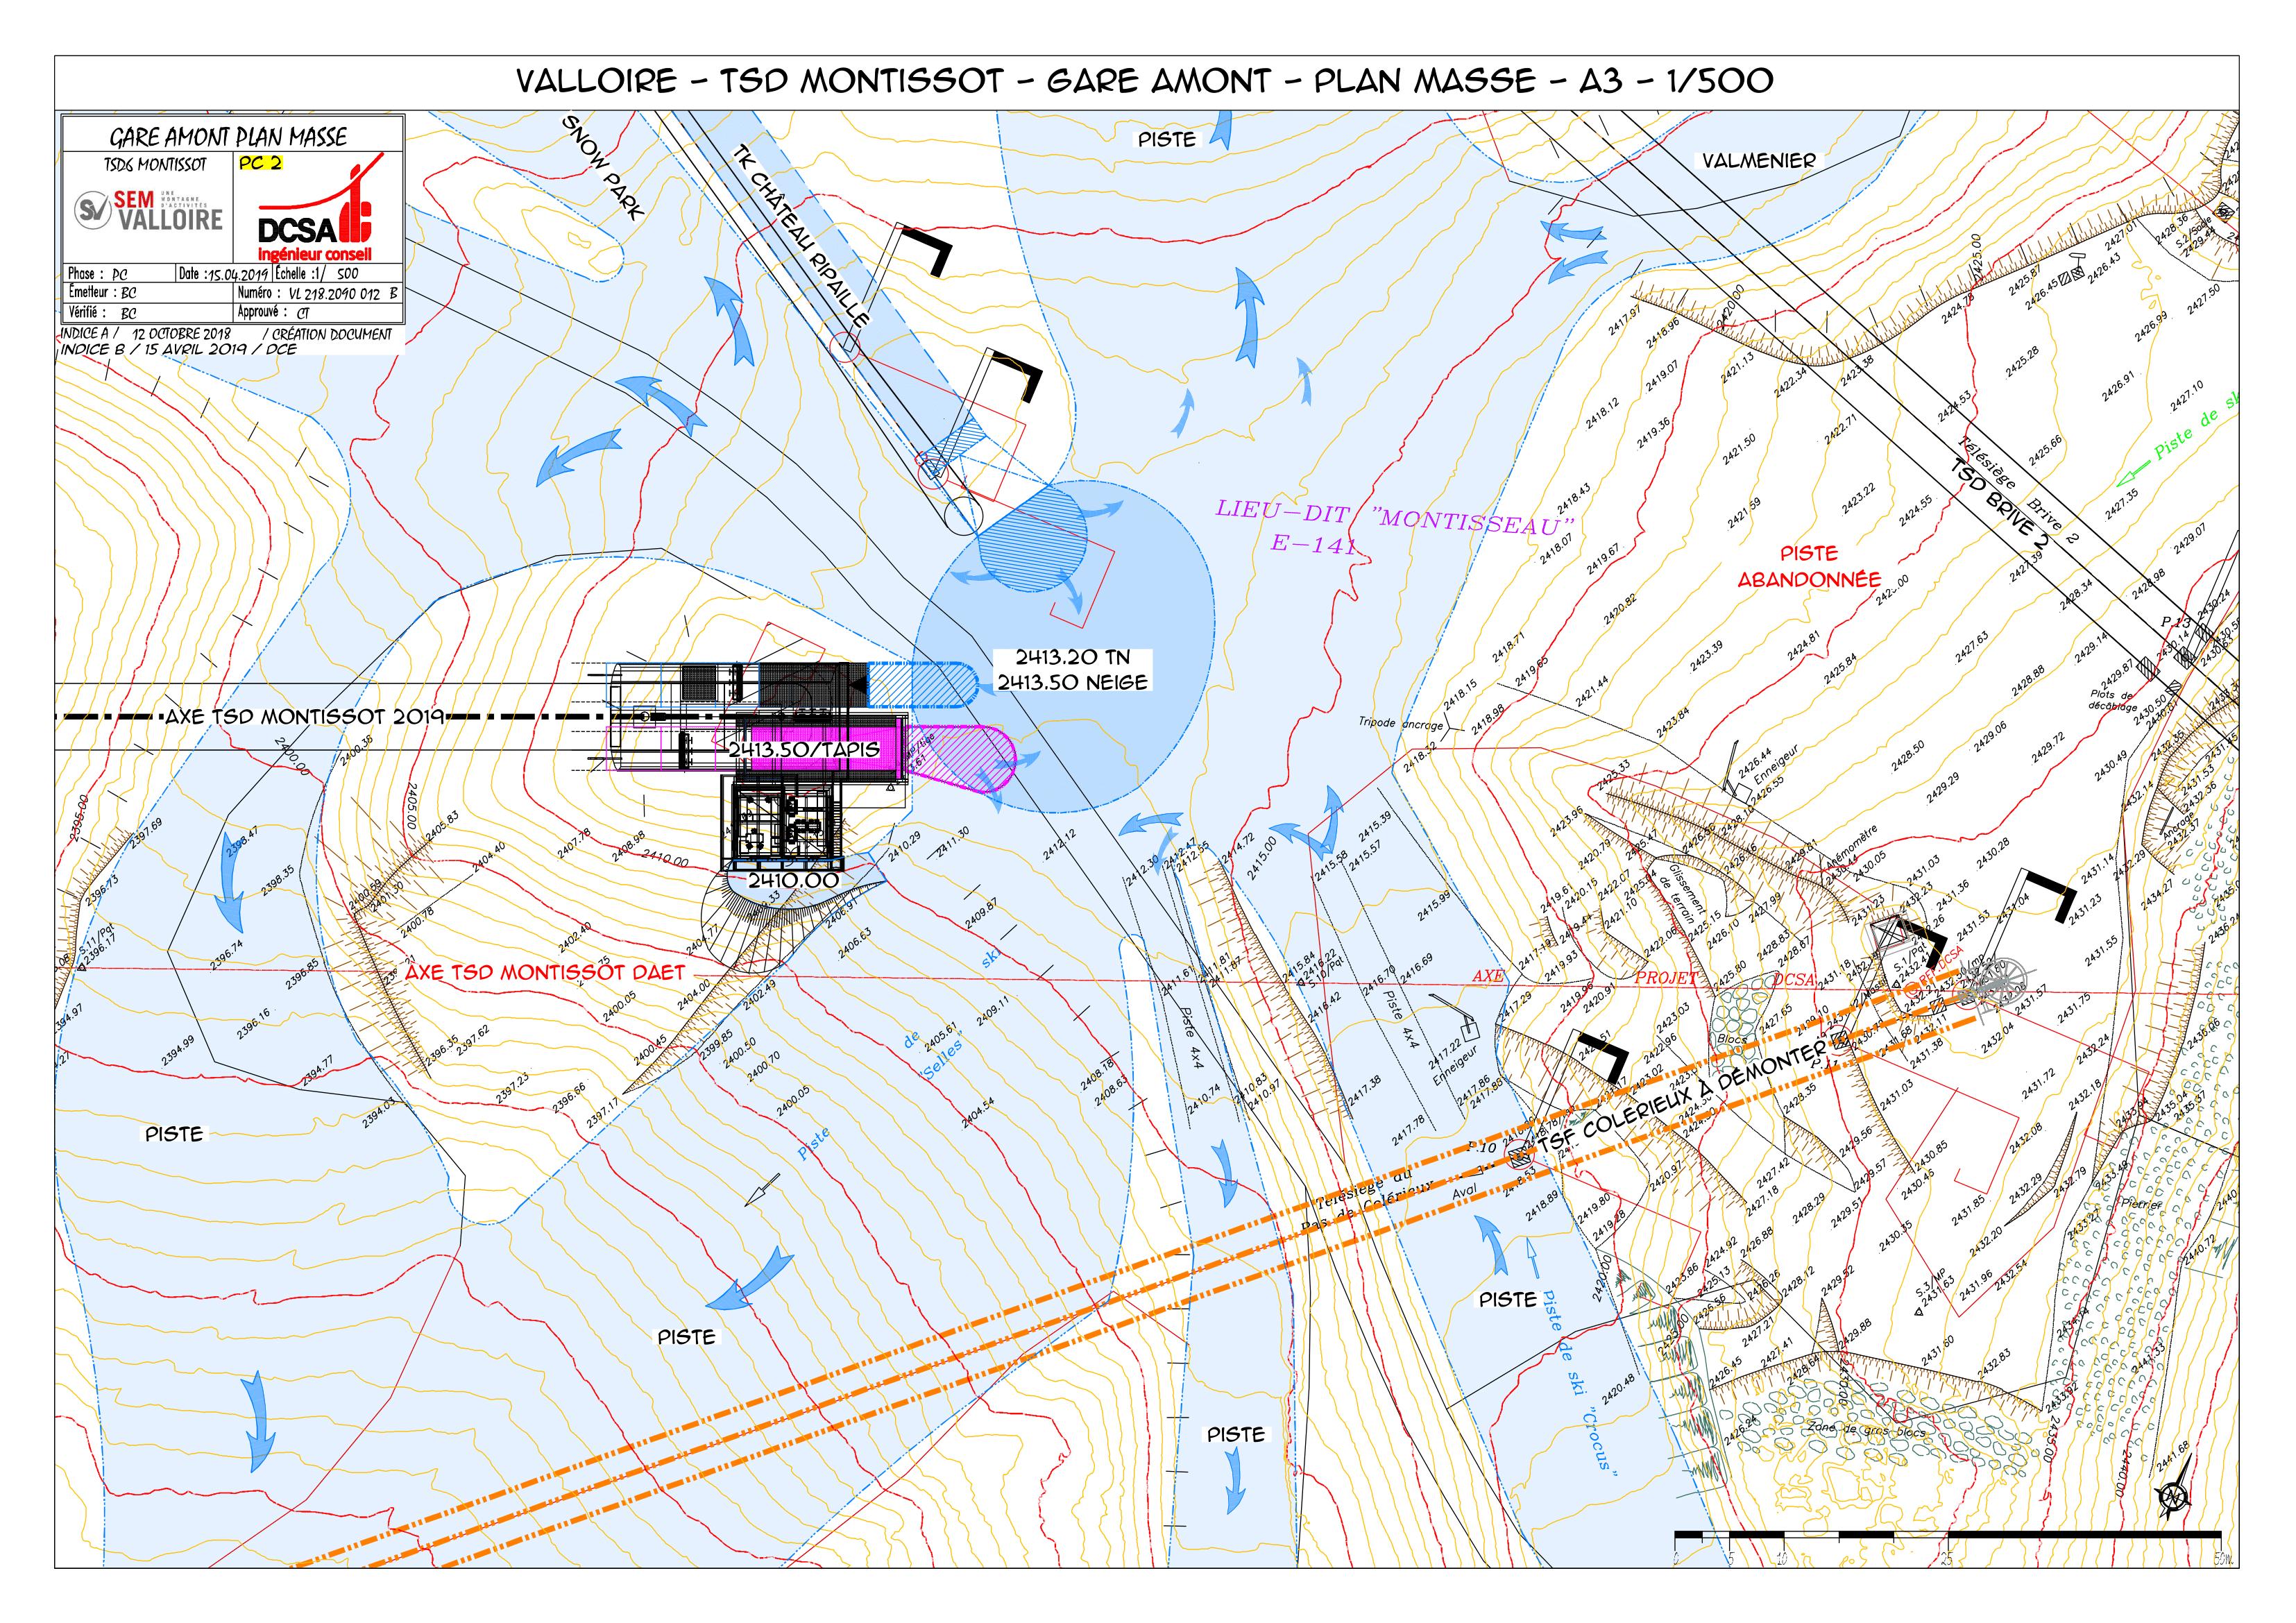 VL-218-2090-012-B-1.png